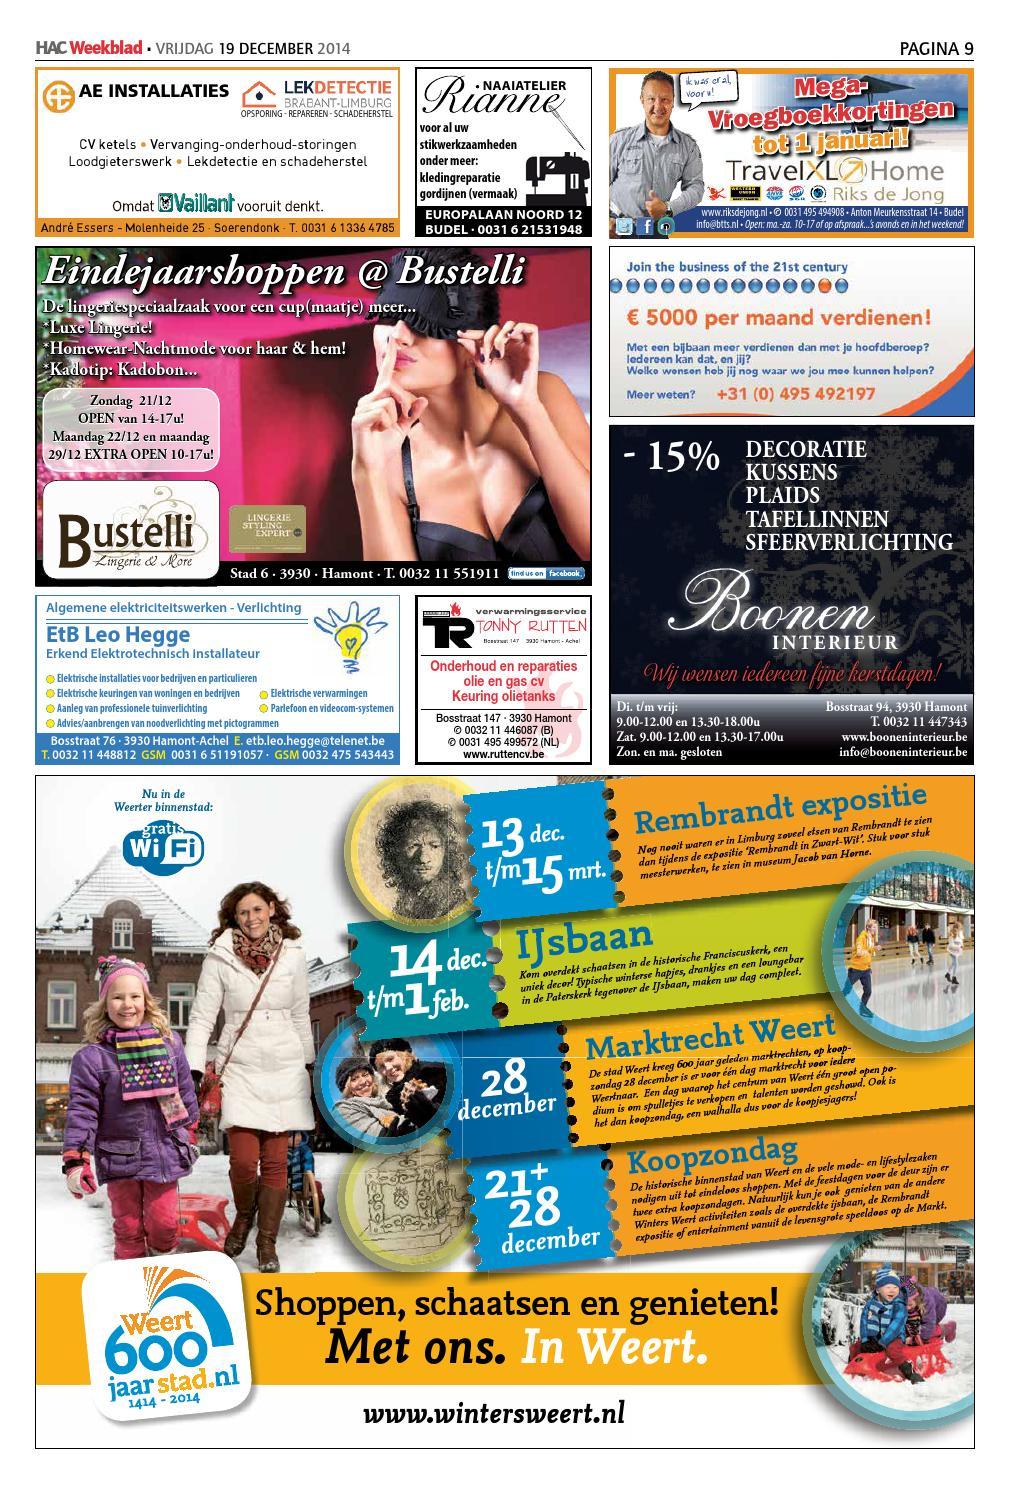 HAC Weekblad week 51 2014 by HAC Weekblad - issuu